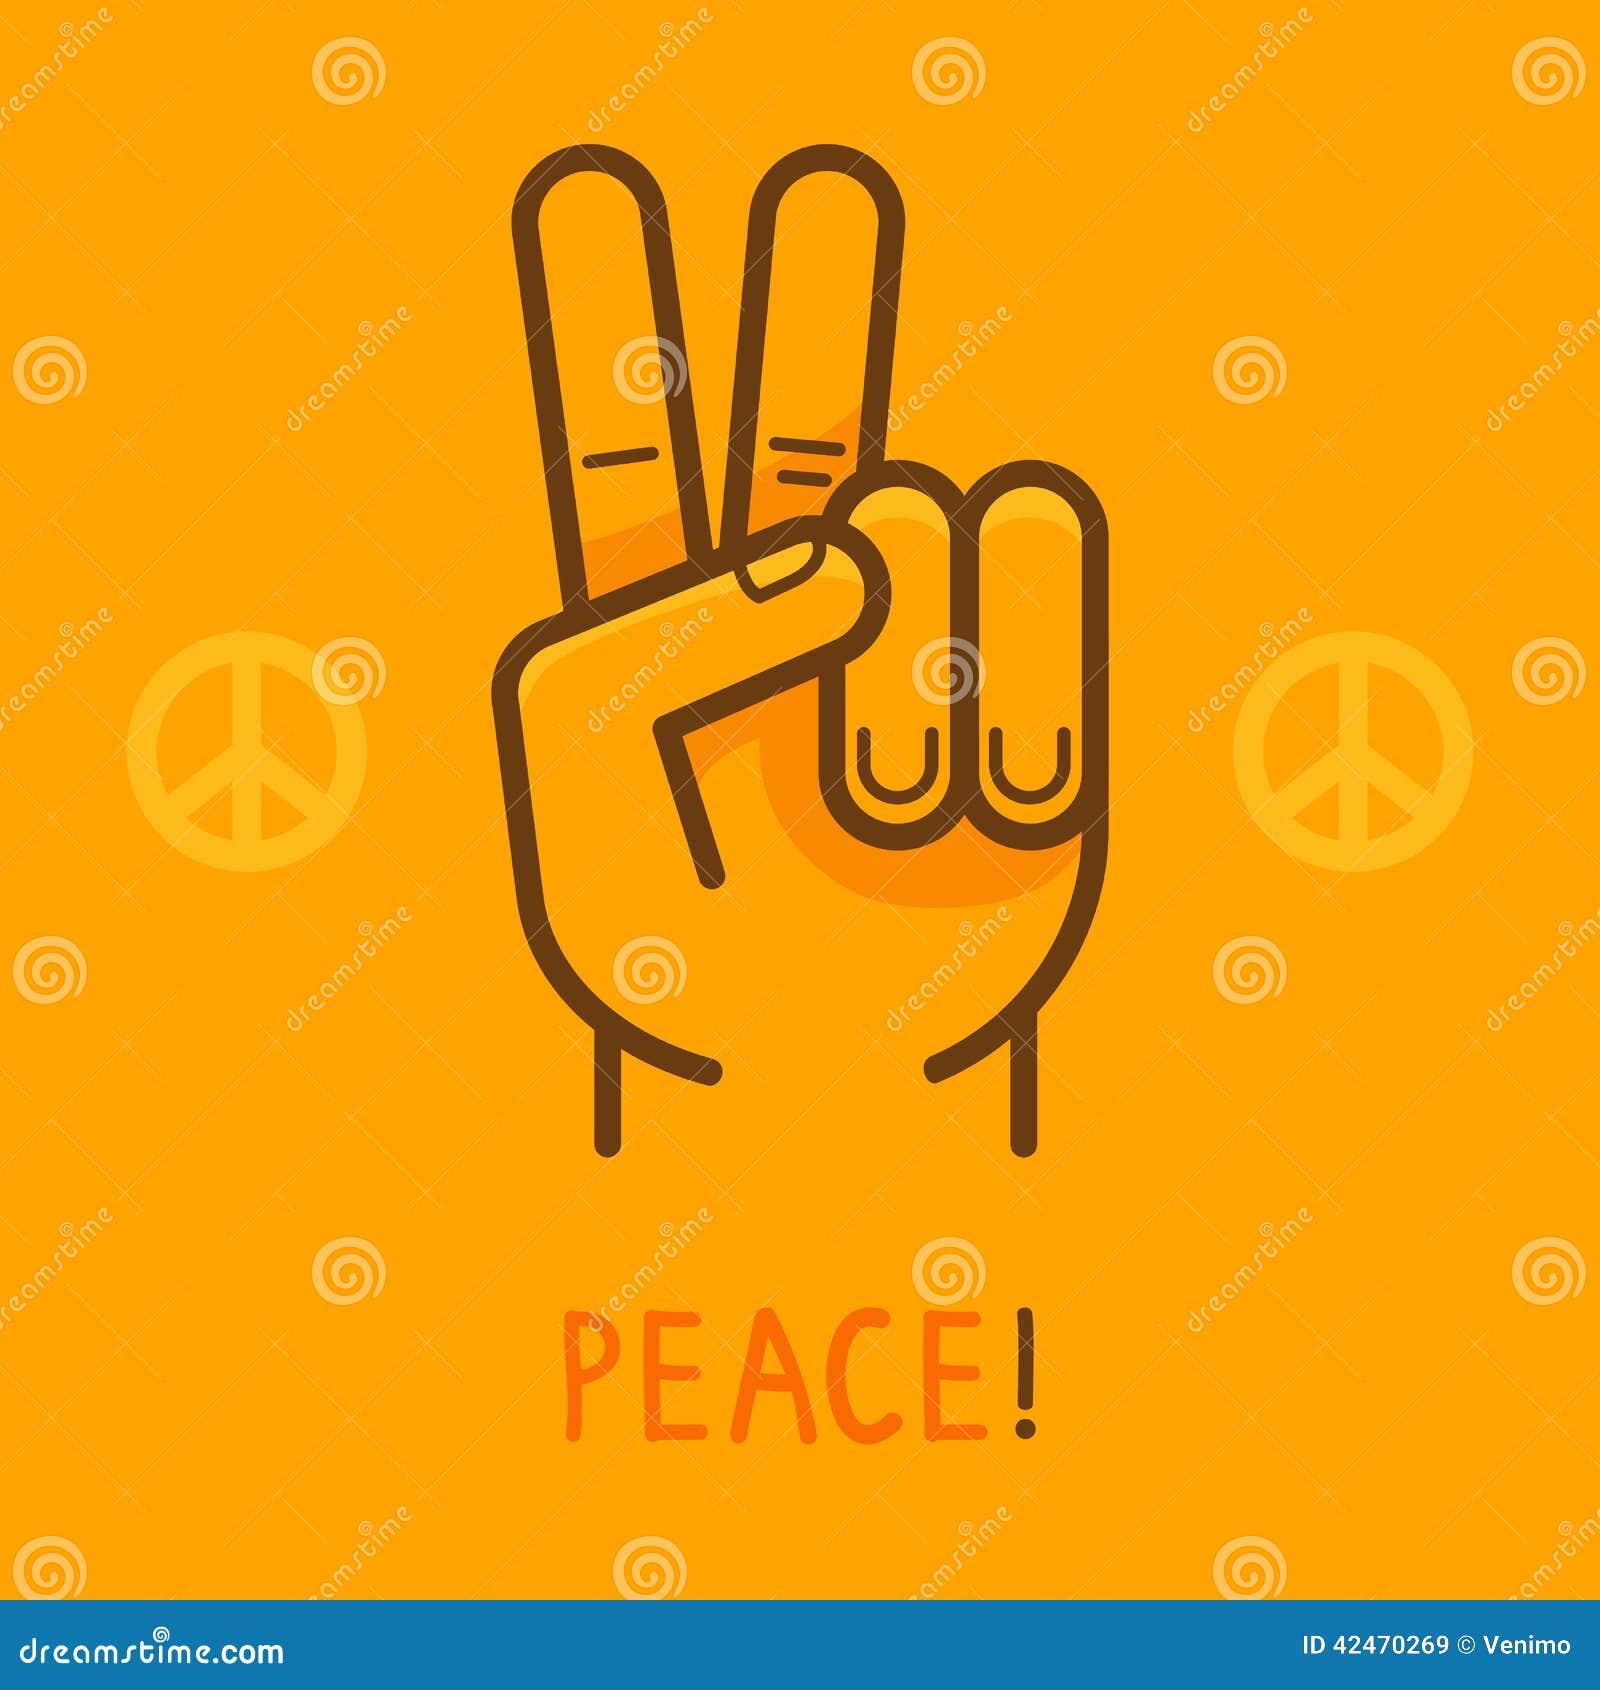 Vector Friedenszeichen - übergeben Sie das Zeigen von zwei Fingern